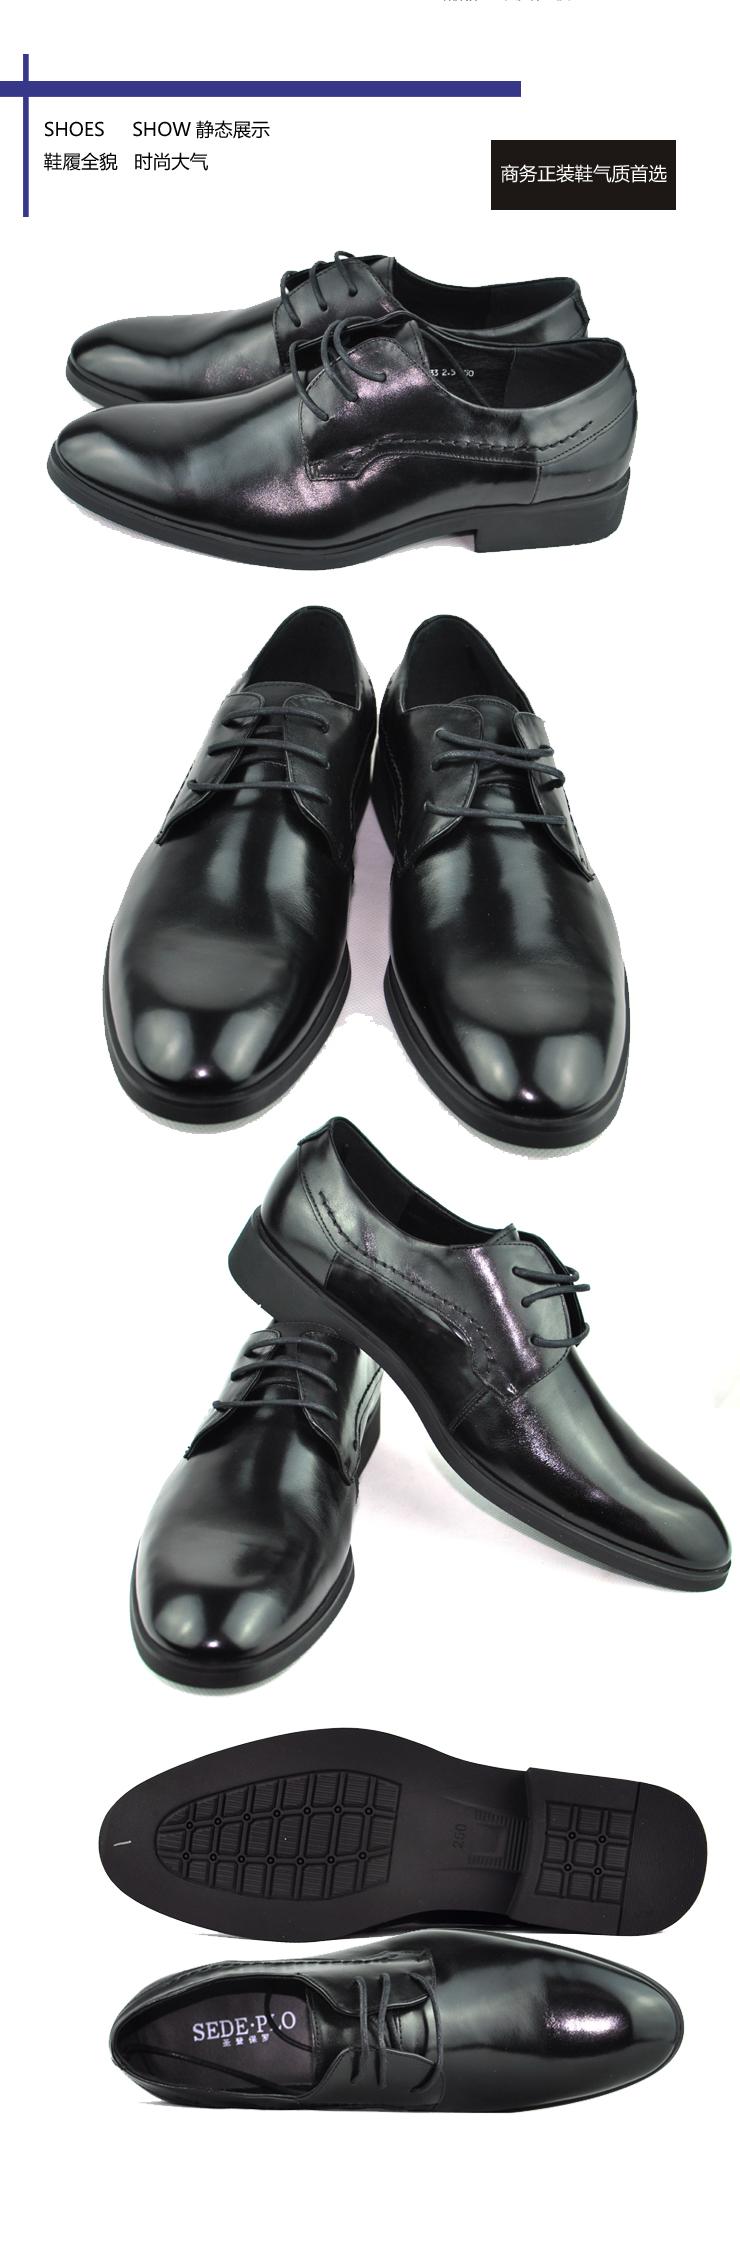 男鞋舒适橡胶底10533